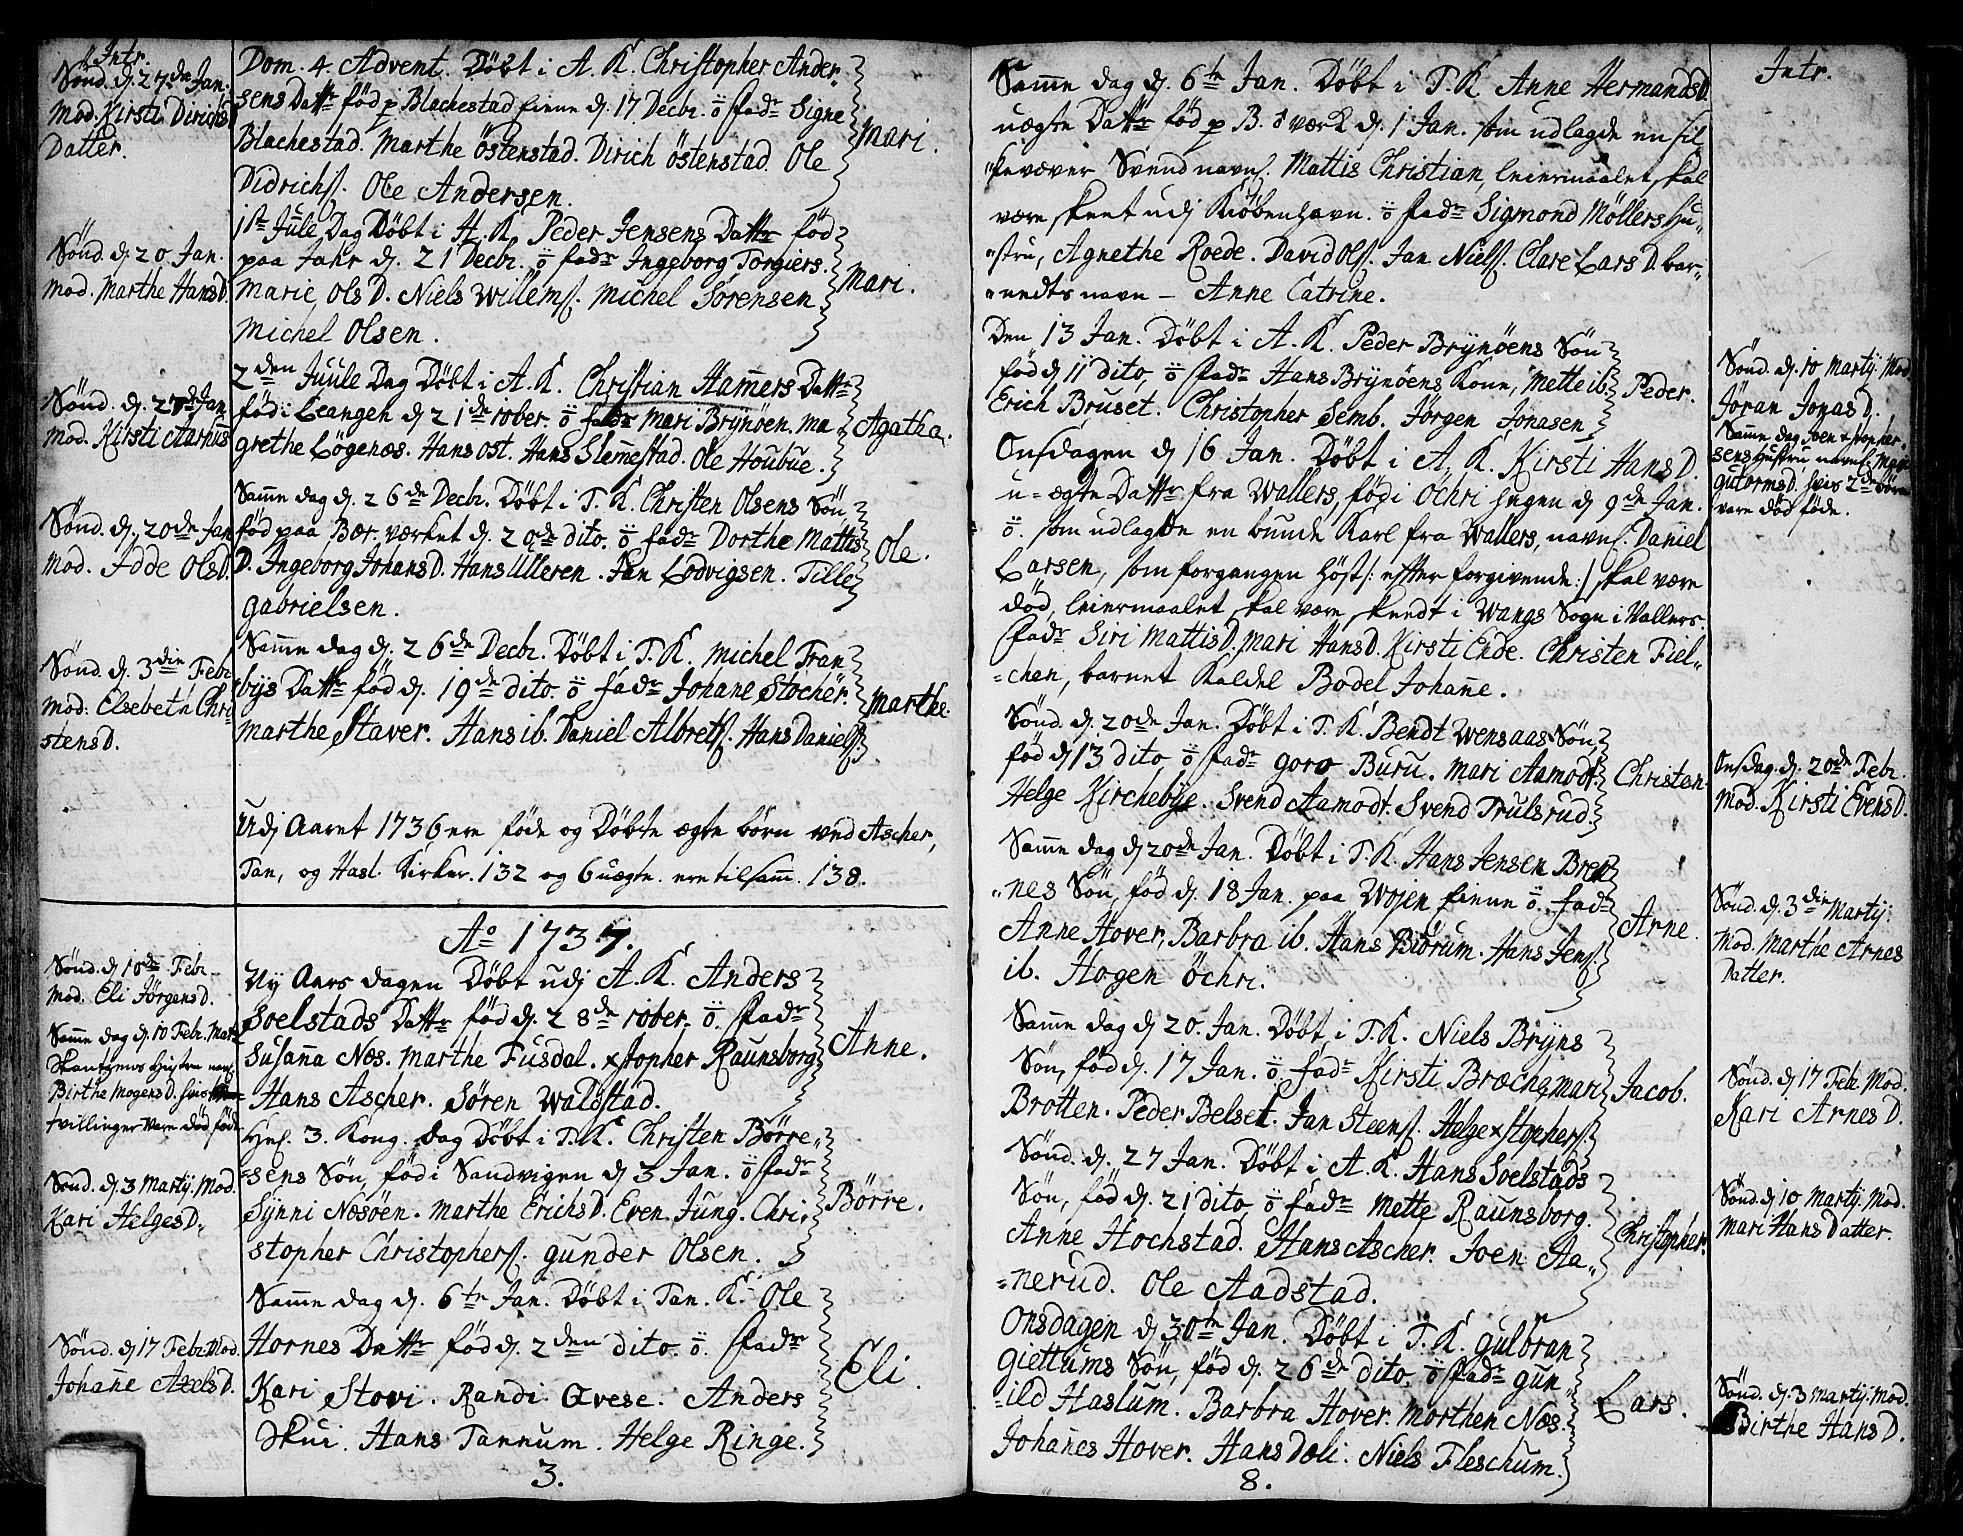 SAO, Asker prestekontor Kirkebøker, F/Fa/L0001: Ministerialbok nr. I 1, 1726-1744, s. 47